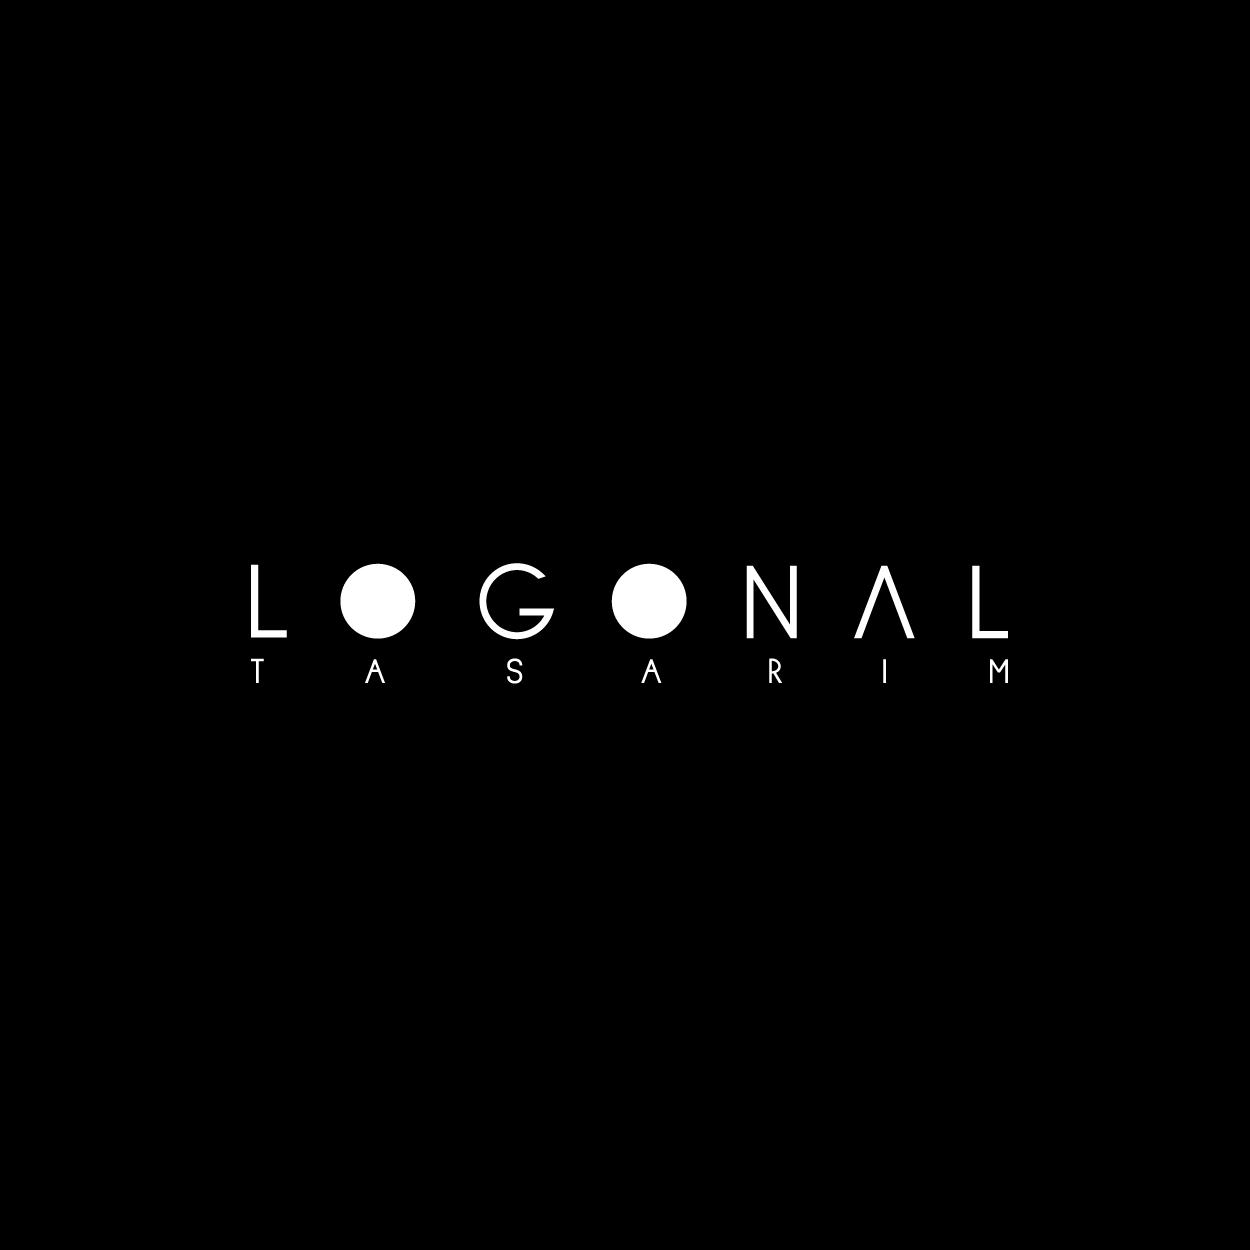 Logonal Tasarım ve Danışmanlık Hizmetleri